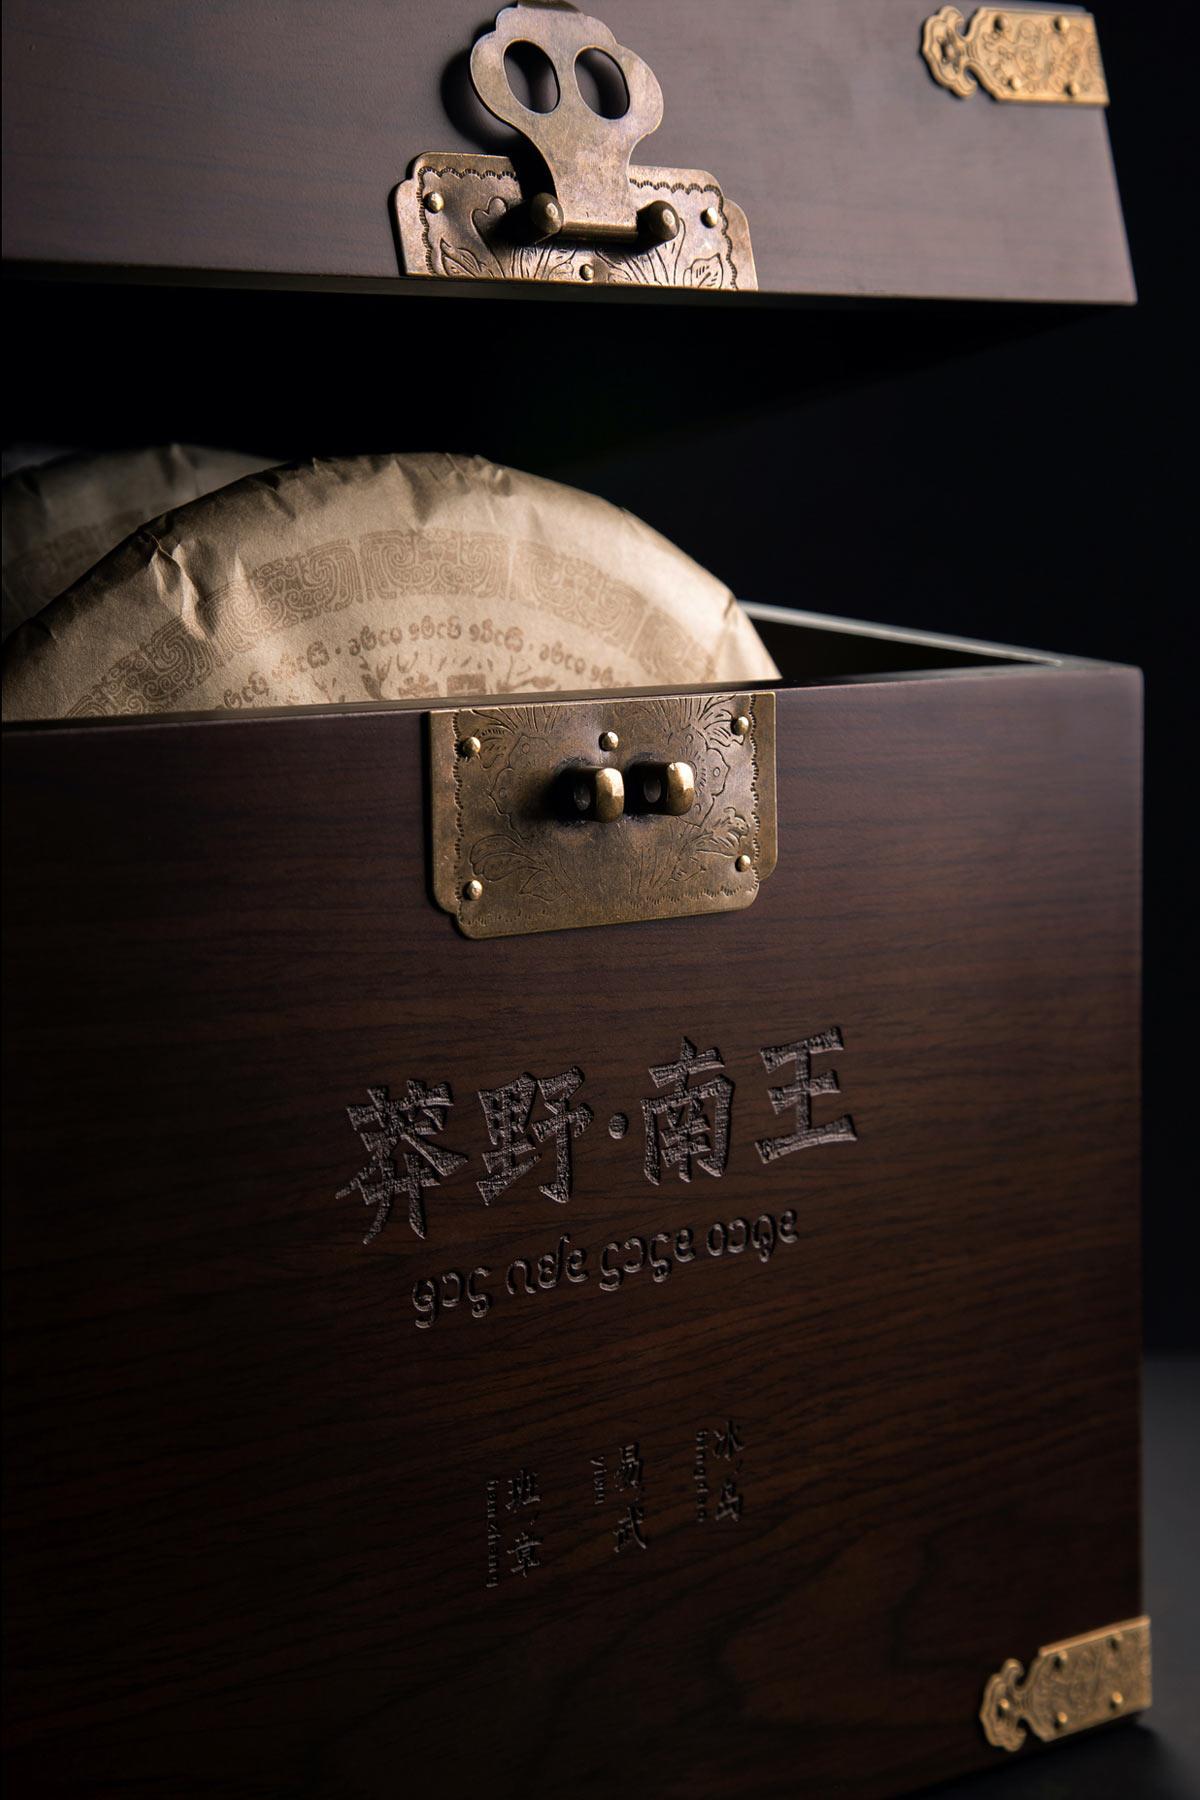 质朴原生态!普洱茶茶叶包装设计